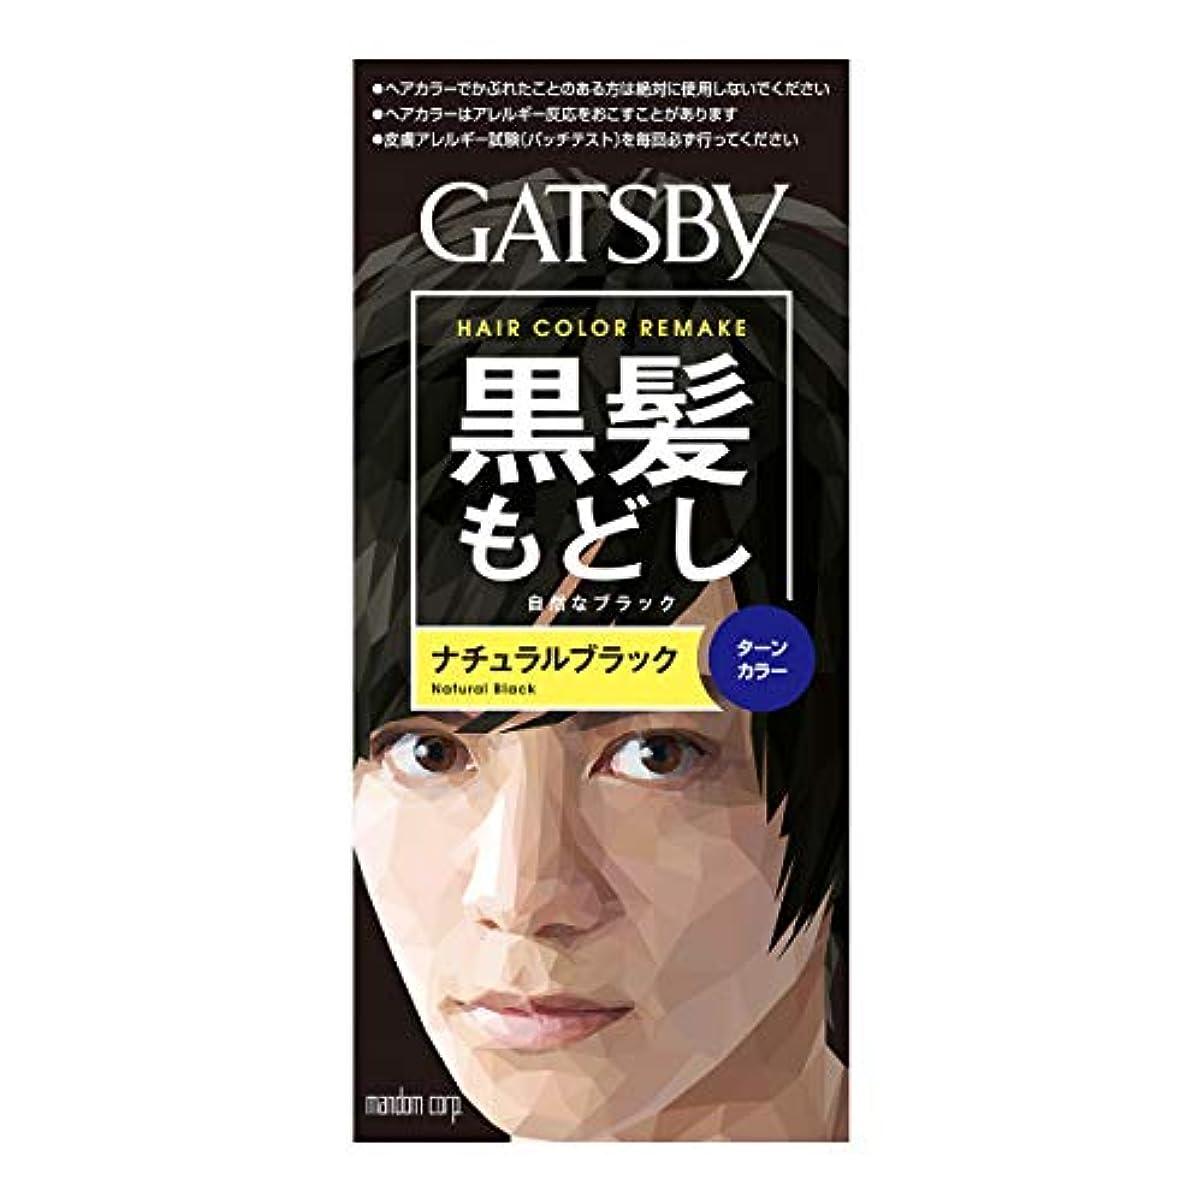 ごちそうマラドロイト本土GATSBY(ギャツビー) ターンカラー ナチュラルブラック 1剤35g 2剤70mL (医薬部外品)